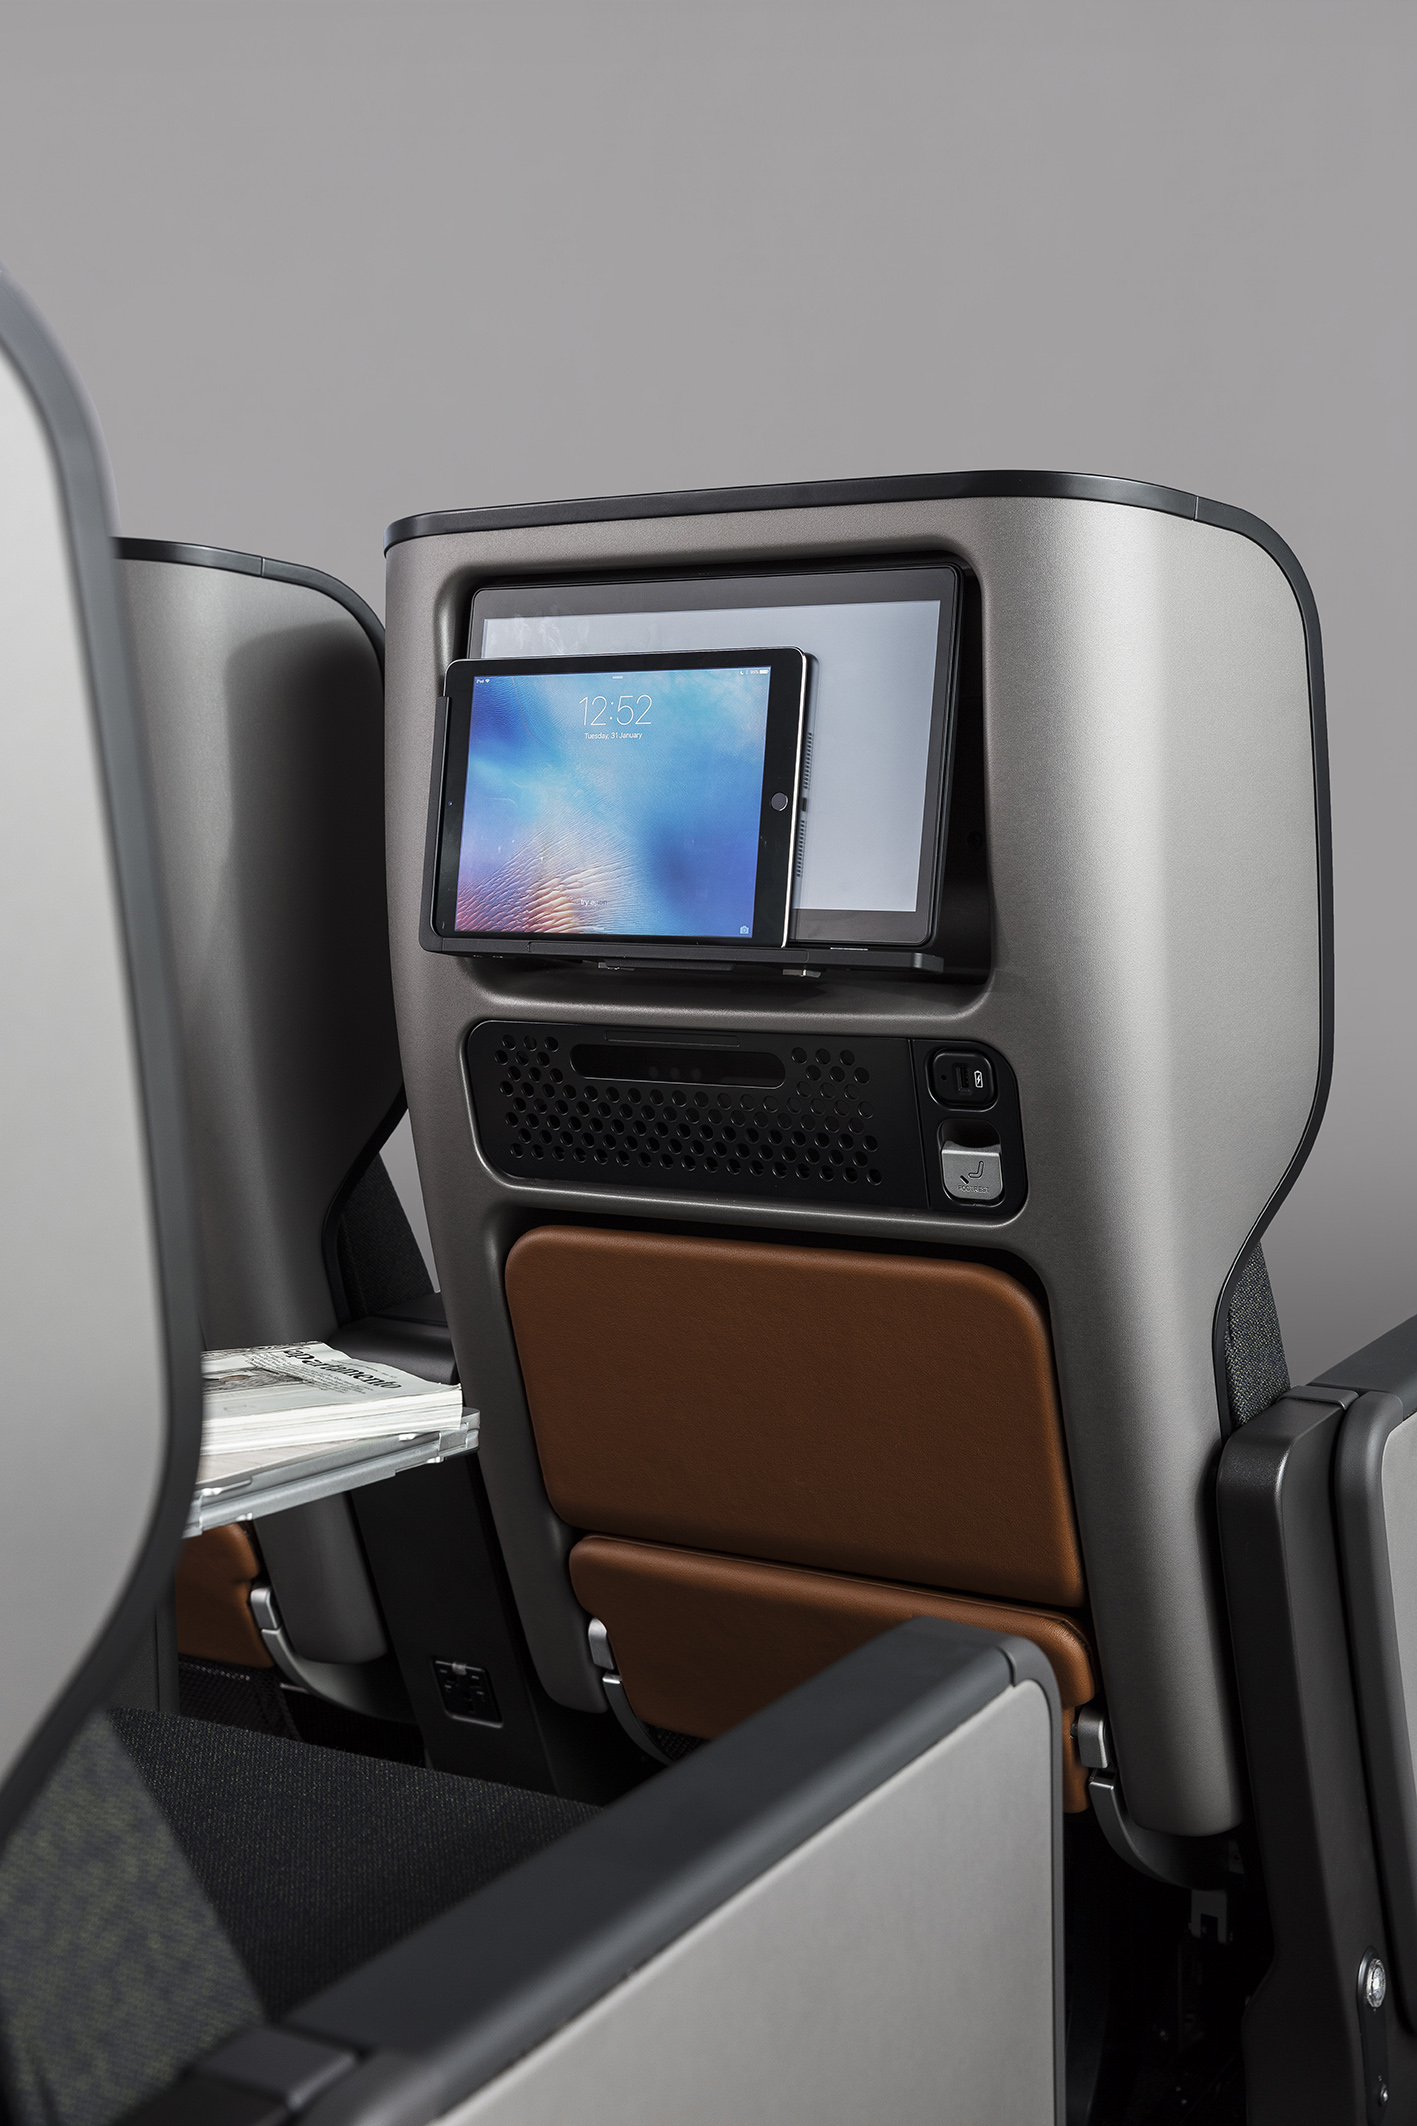 Caon_QF Seats_0A8A7540_DE.jpg